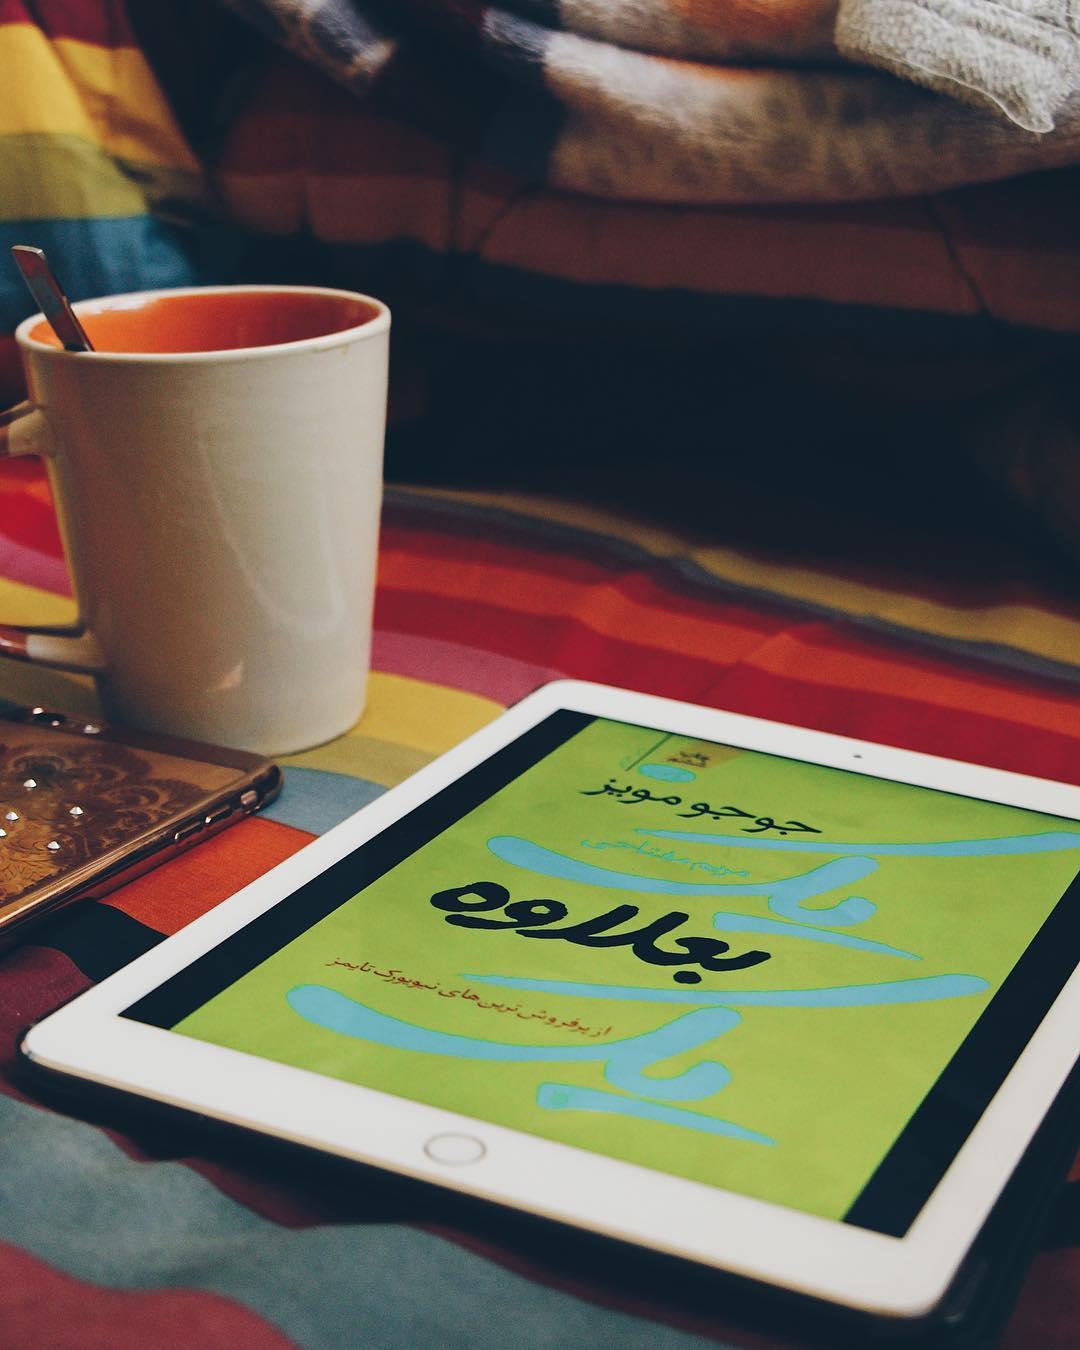 • خوب بريم واسه آخرين كتابي كه تموم كردم [ يك بعلاوه يك ] كه از نويسنده محبوبم 2